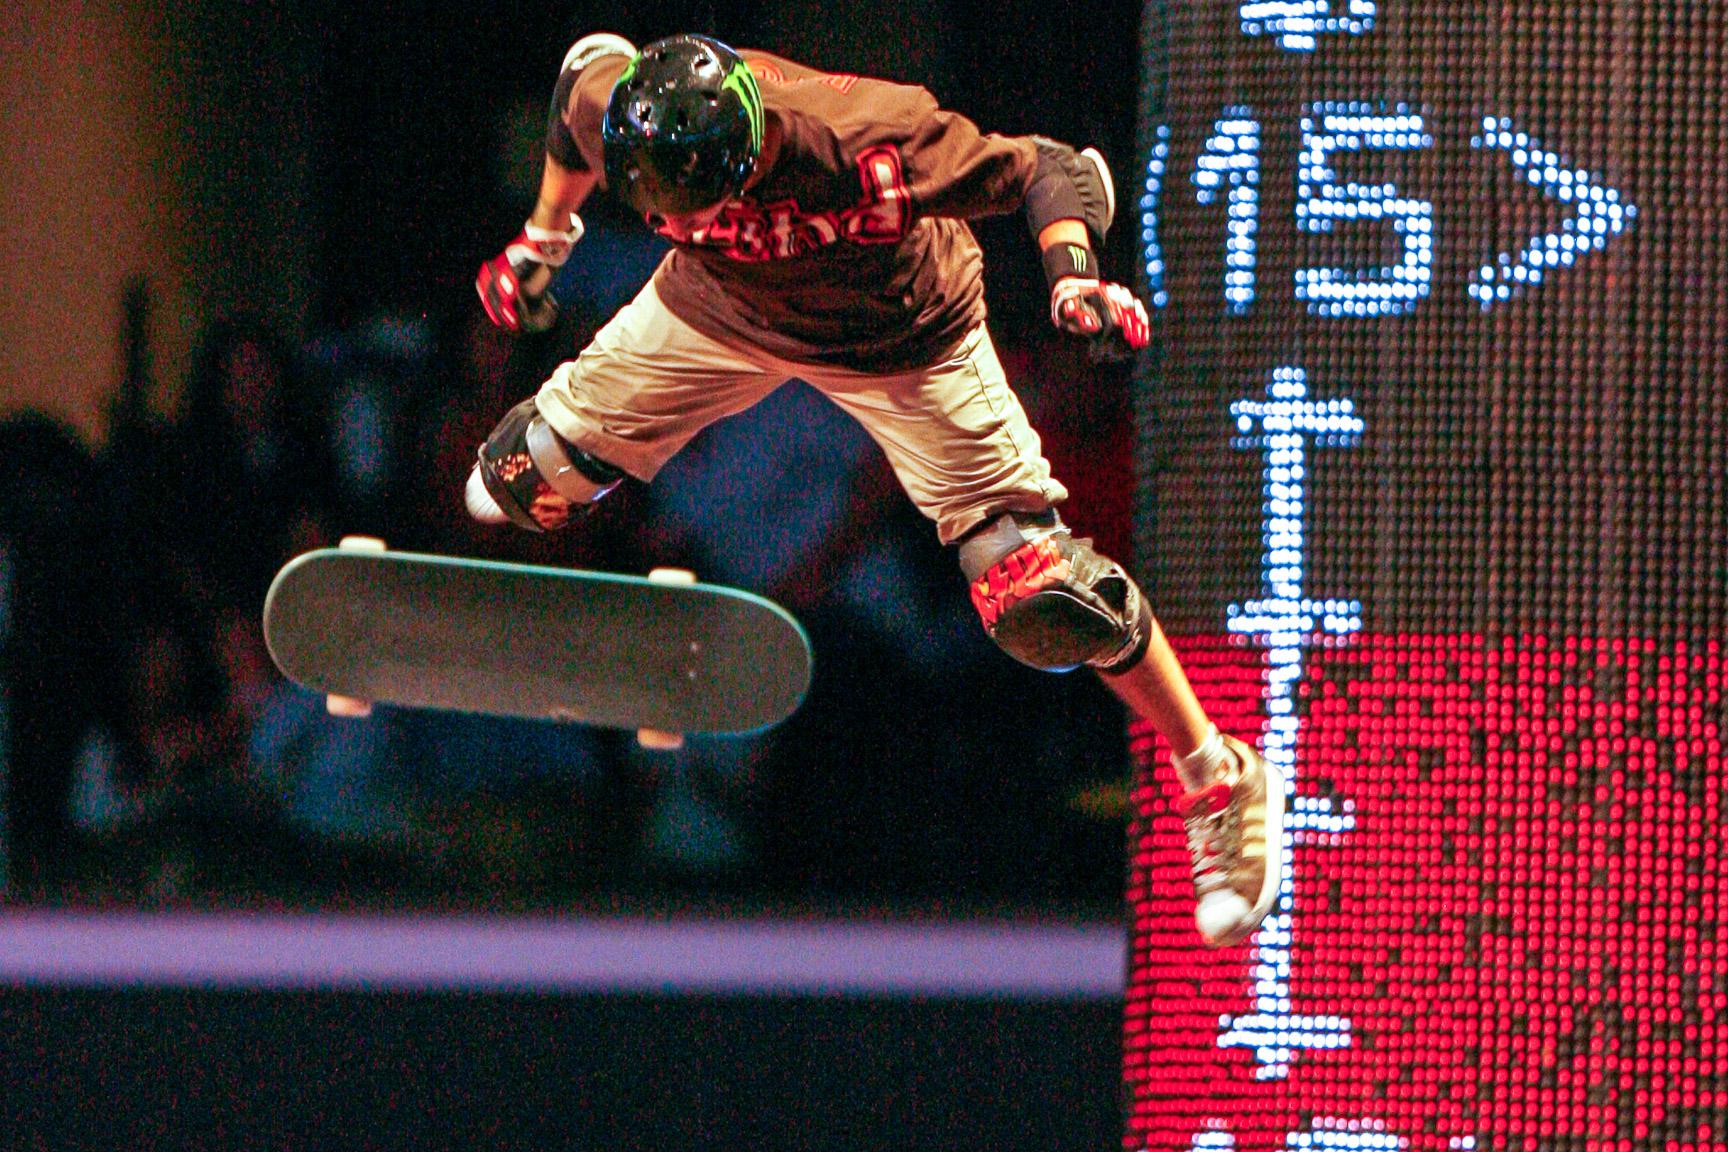 #10 Jake Brown: 47ft Big Air Slam